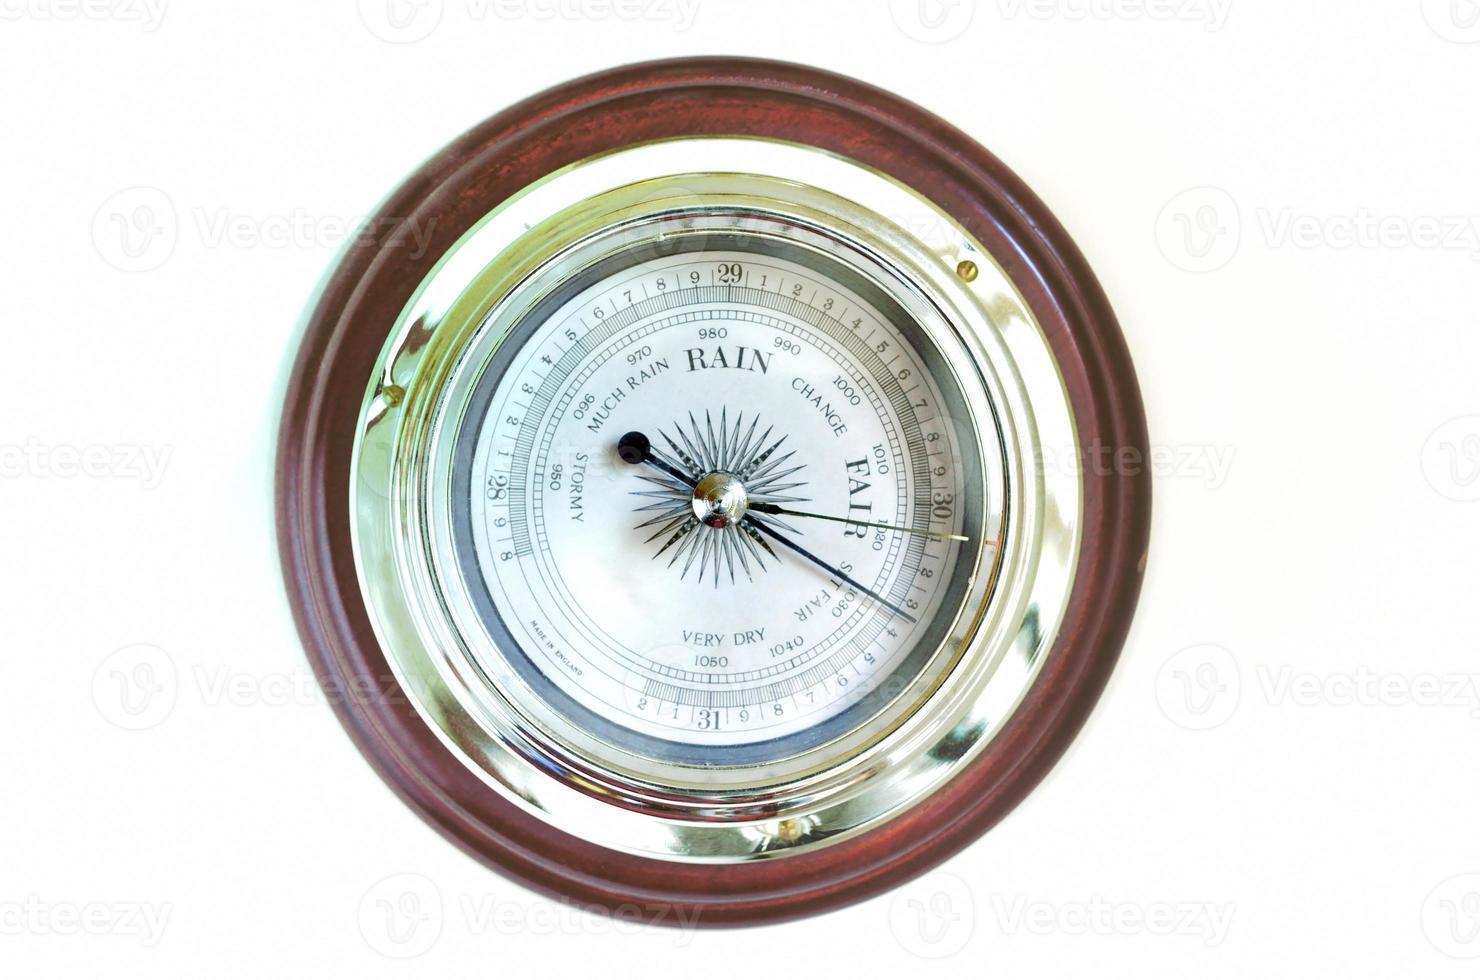 Barometer photo